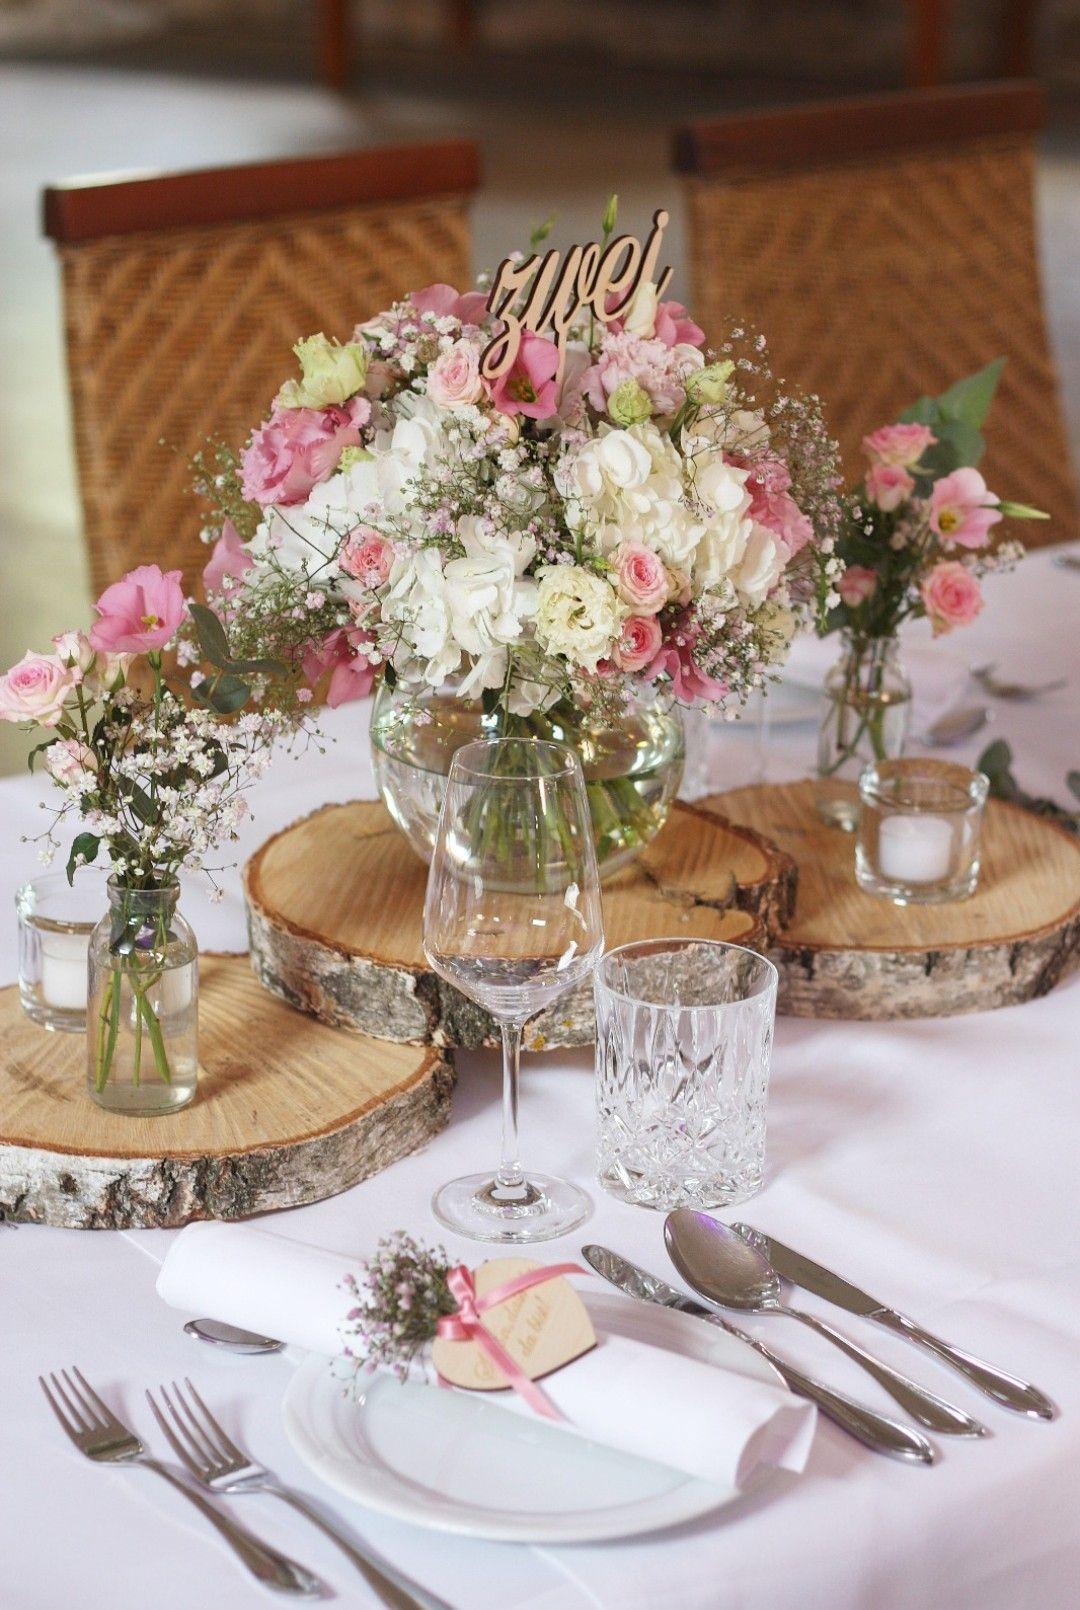 Tischdeko Holz Vintage In 2020 Hochzeitsdekoration Hochzeit Tischlaufer Hochzeitstisch